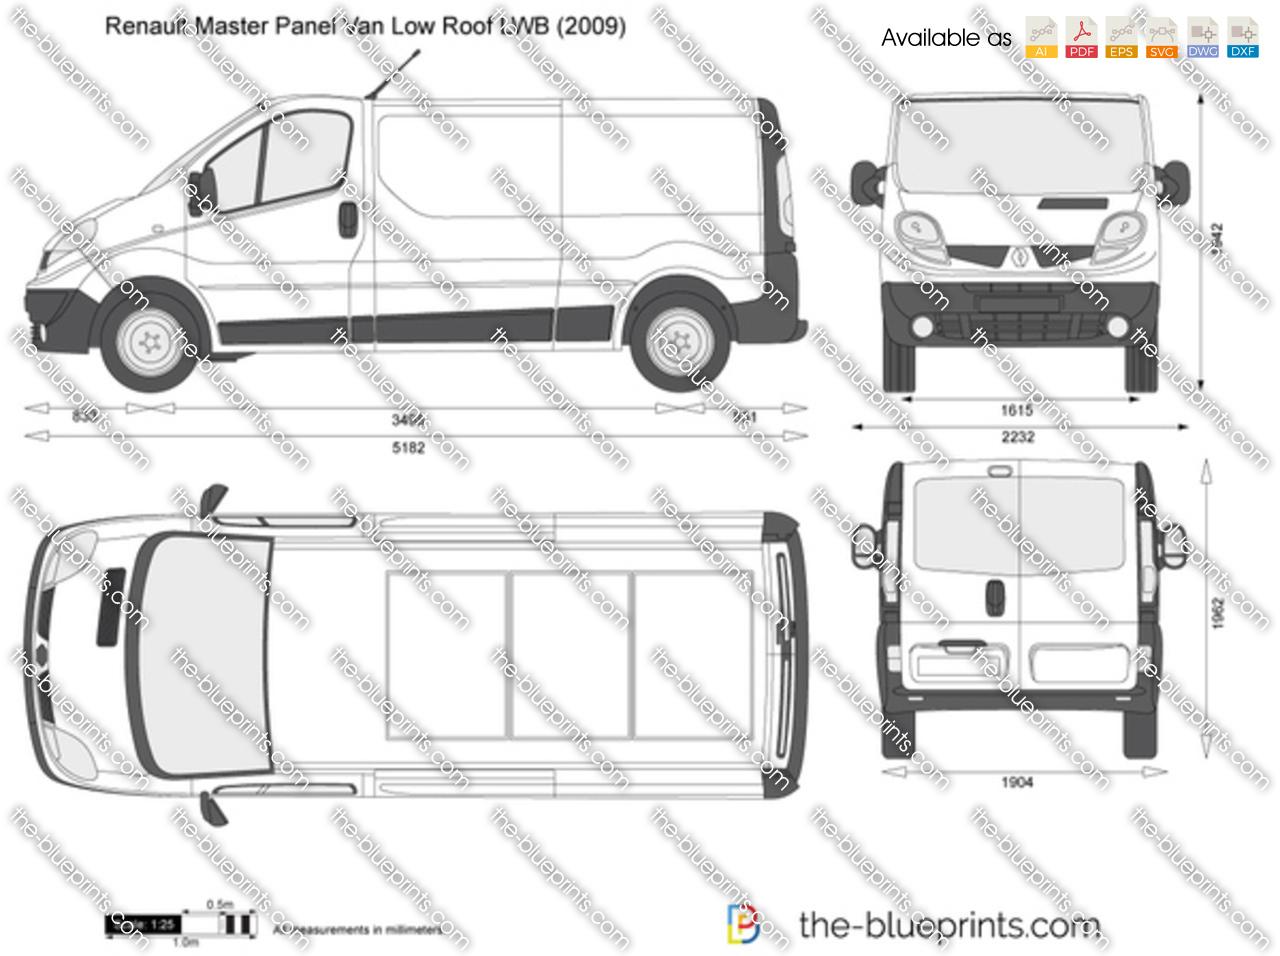 Renault Trafic Panel Van Low Roof LWB 2006